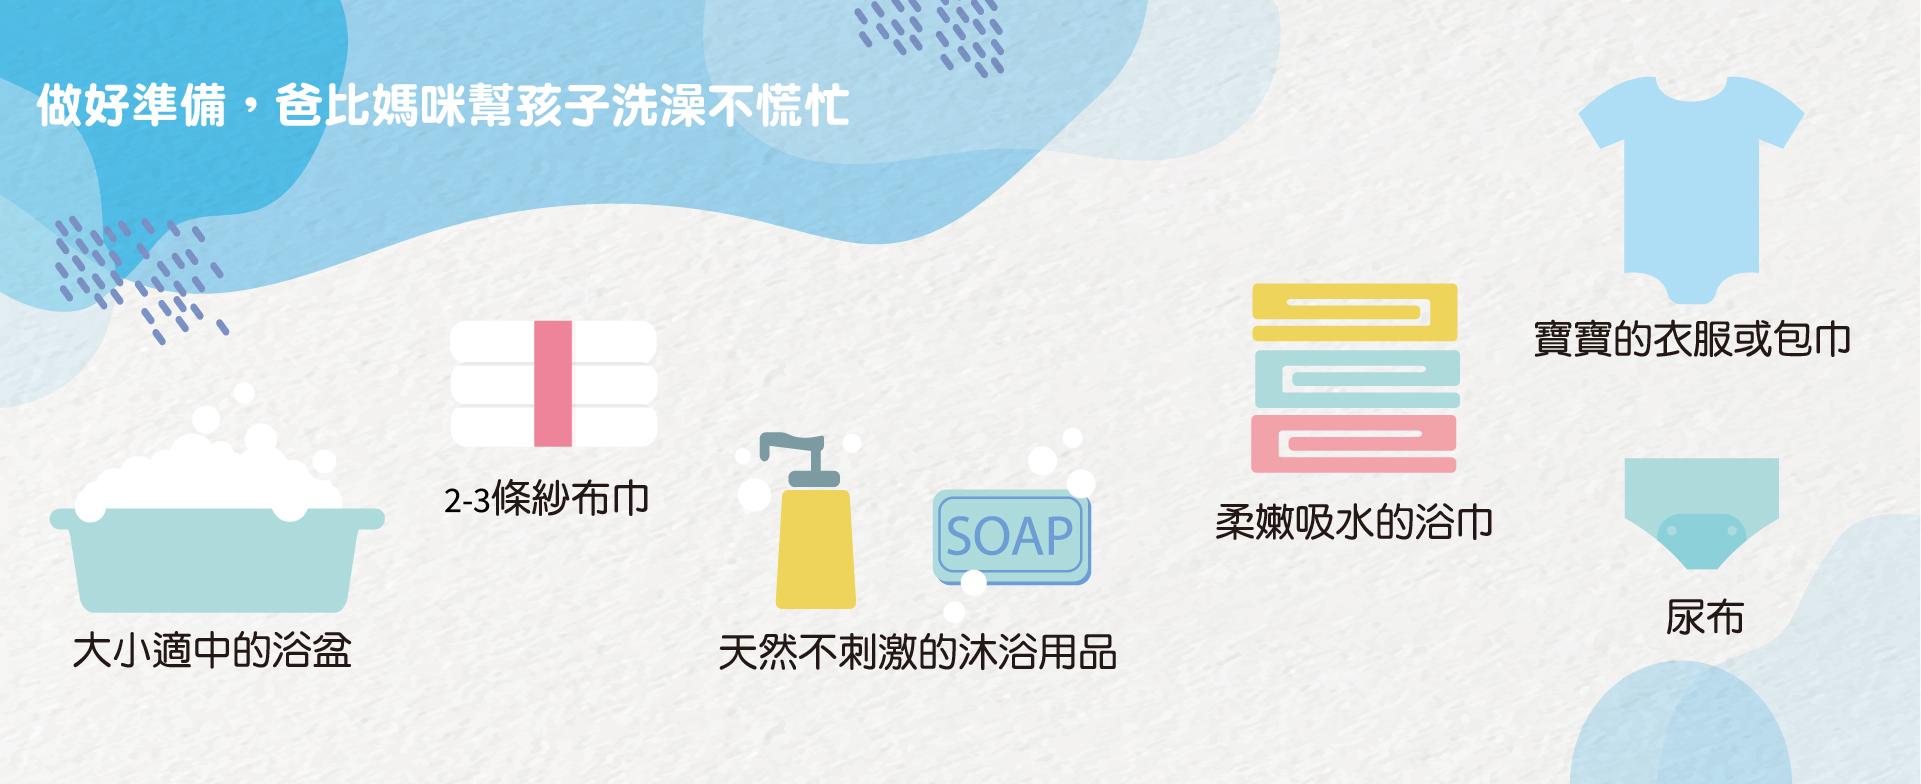 3個心法4個重點,讓你好好幫孩子洗澡。做好準備,爸比媽咪幫孩子洗澡不慌忙。